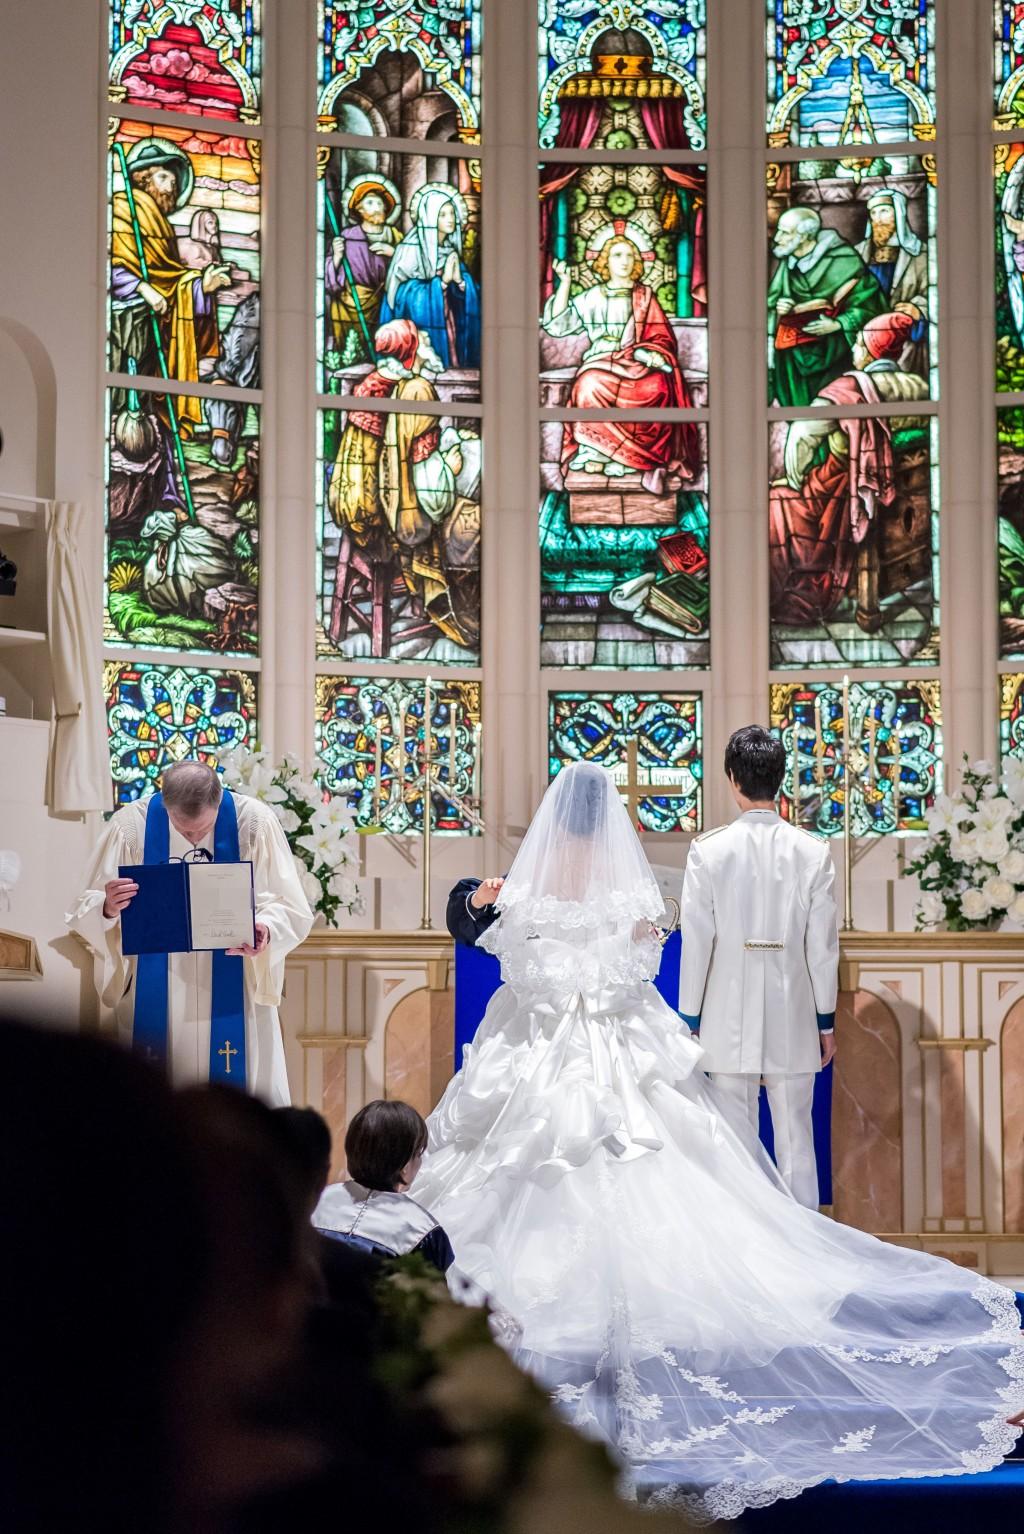 アニヴェルセルみなとみらい横浜 結婚式レポブログ チャペルでの挙式(神前式)署名 祝祷